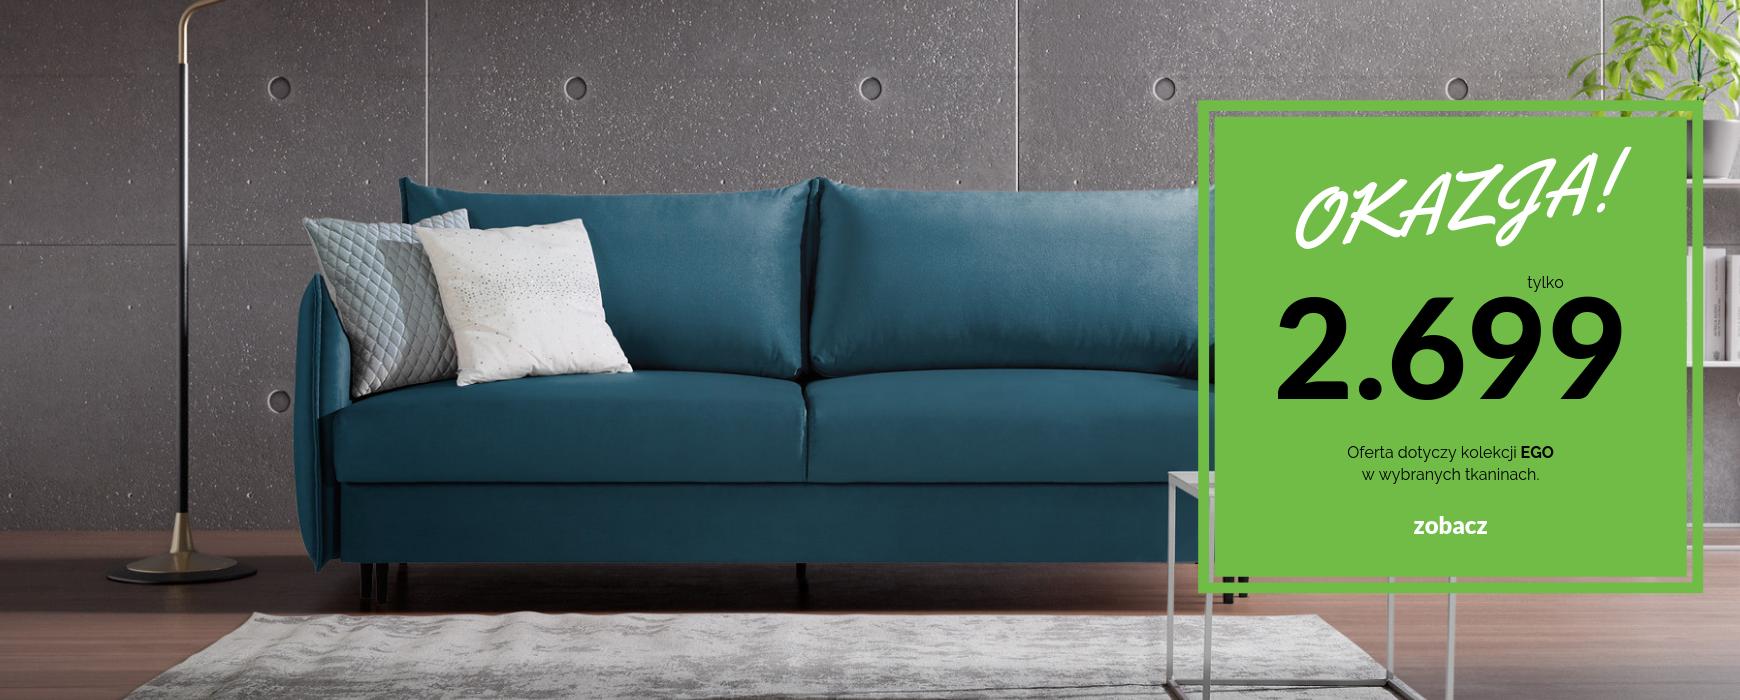 Komfortowa sofa EGO z funkcją spania i pojemnikiem taniej o VAT! Transport gratis. Oferta dostępna w kilkunastu kolorach.